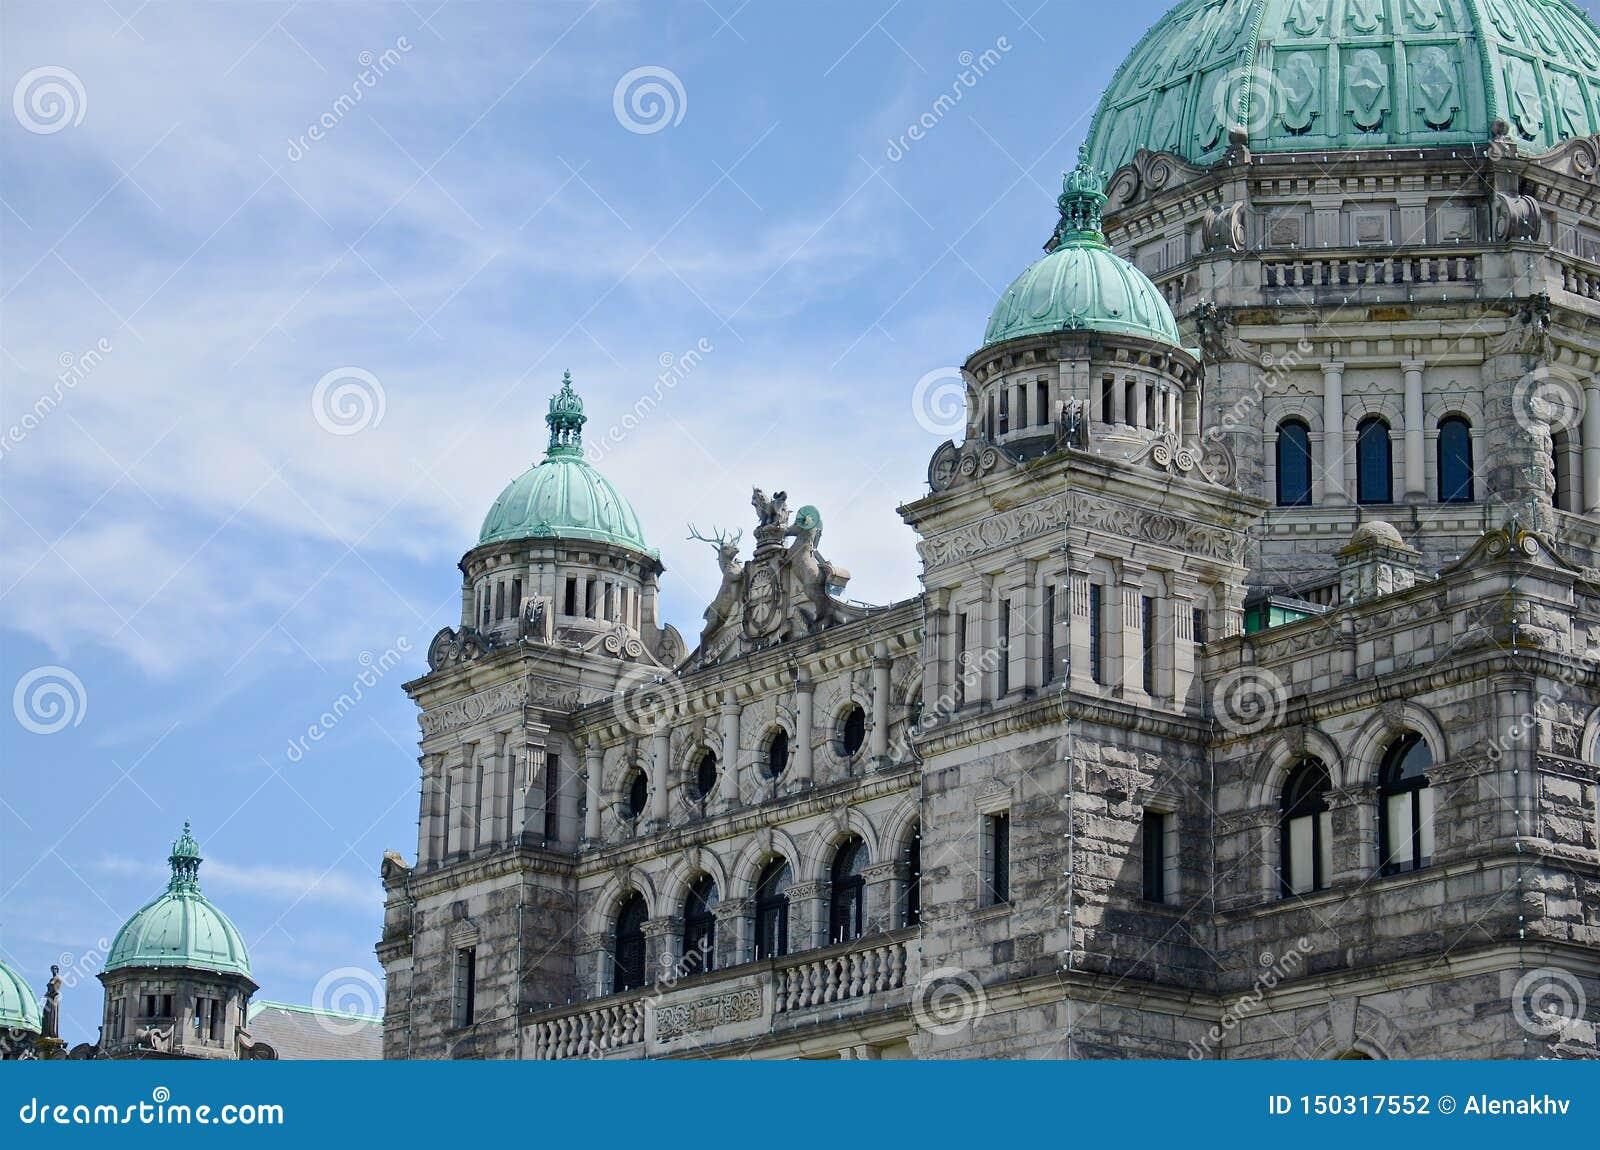 Αρχιτεκτονική οικοδόμησης του Κοινοβουλίου Βρετανικής Κολομβίας, Βικτώρια, Καναδάς